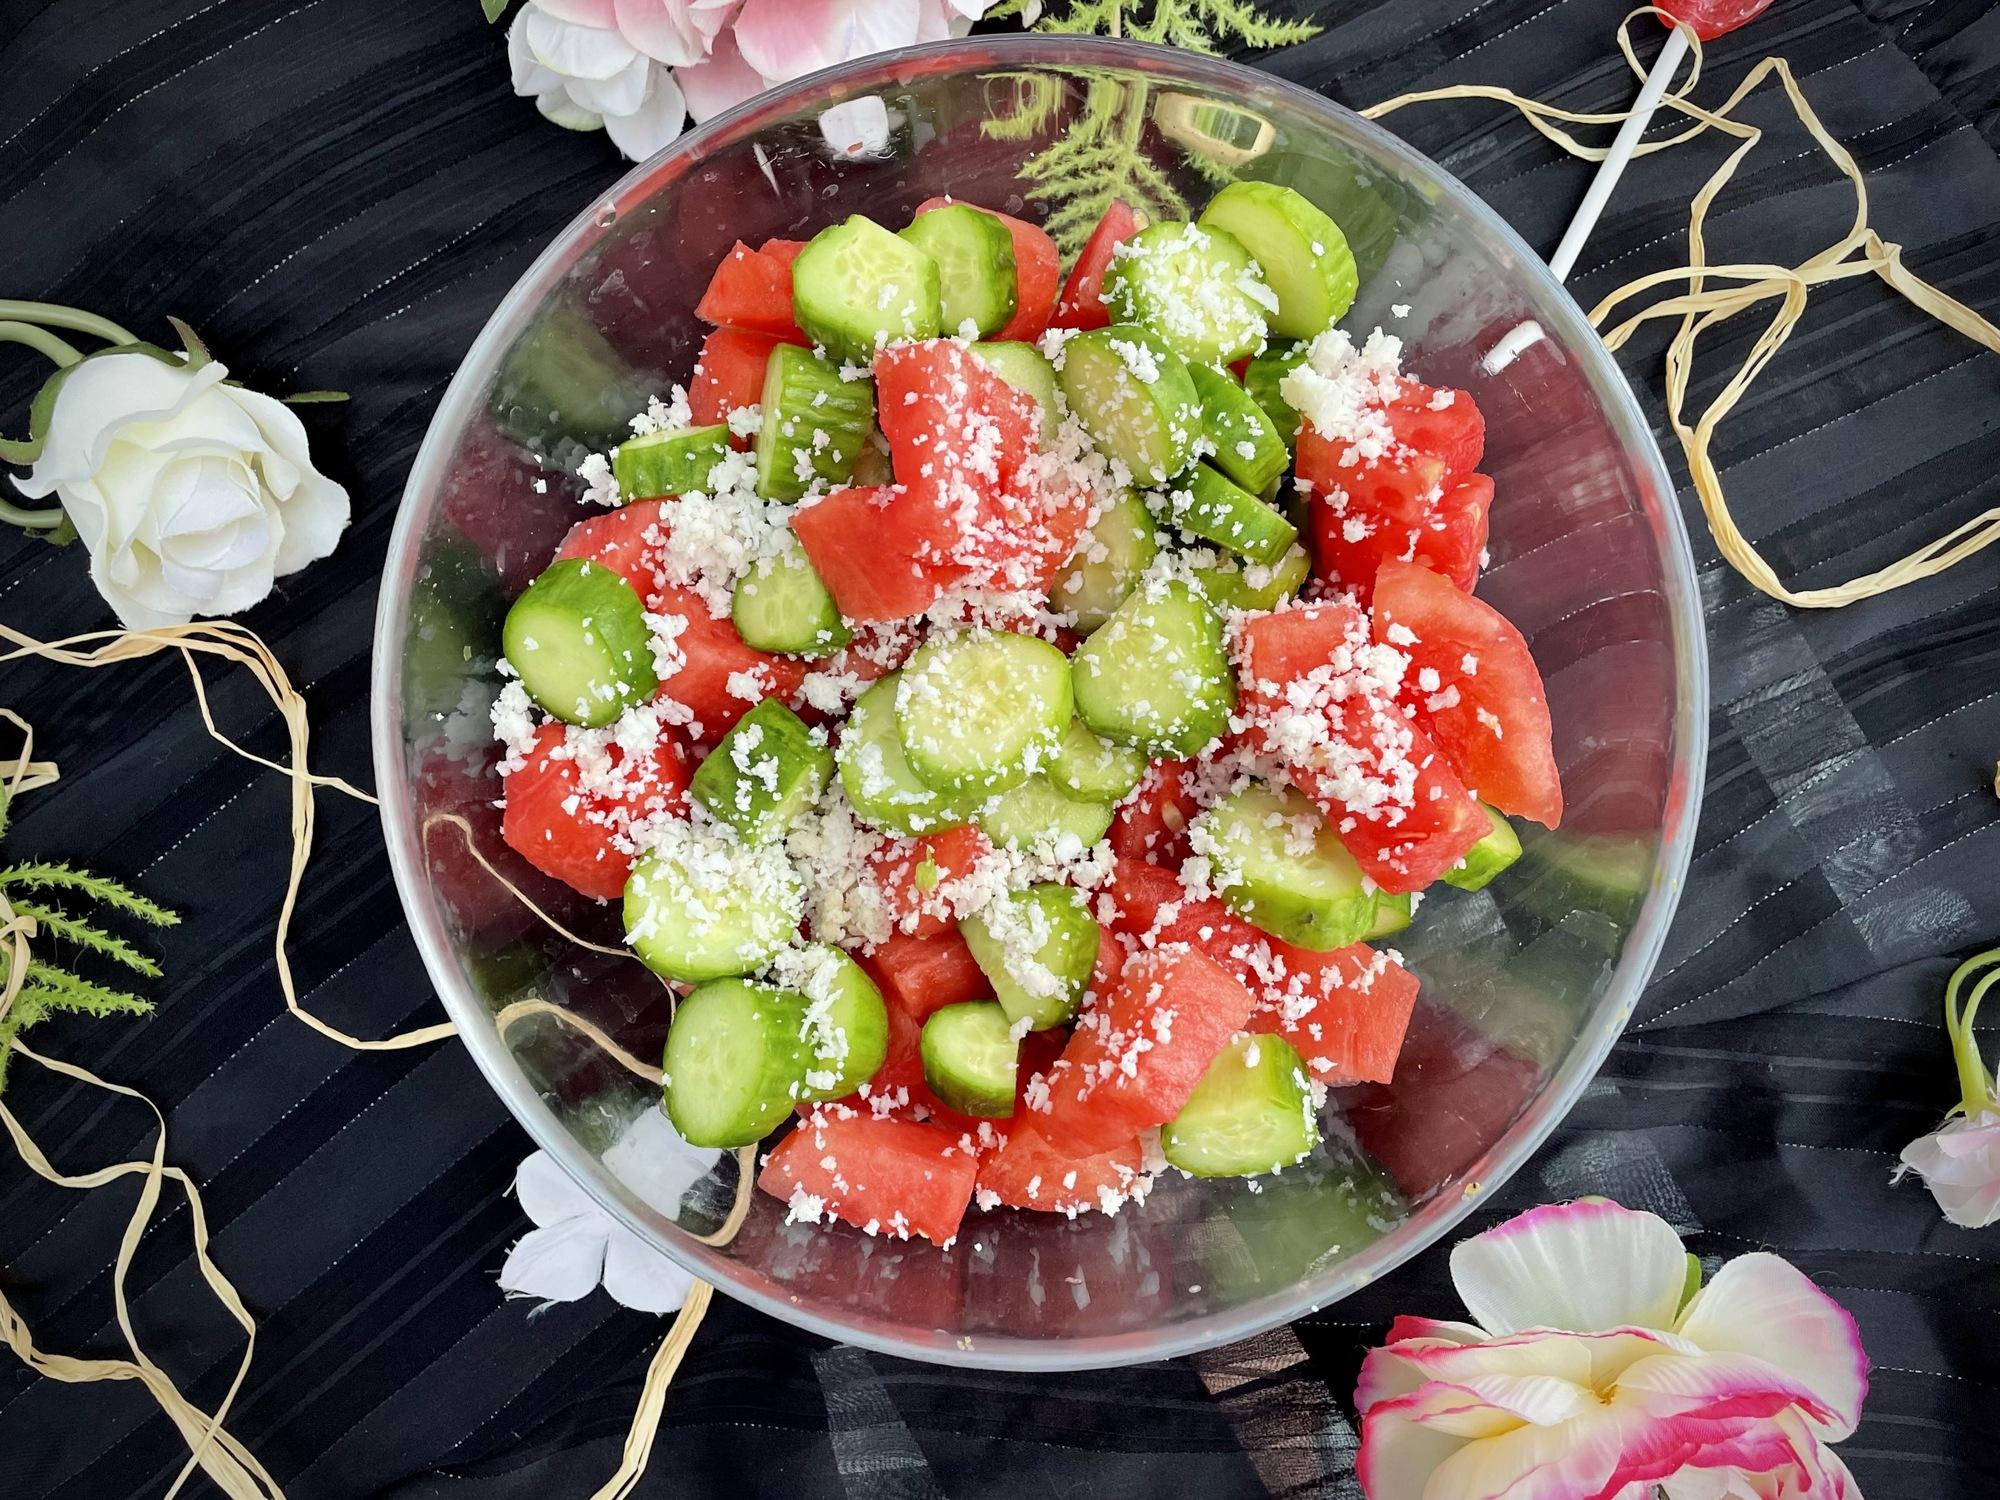 Dans un grand saladier transparent, on retrouve les couleurs de l'été avec le rouge de la pastèque et le vert des concombres.